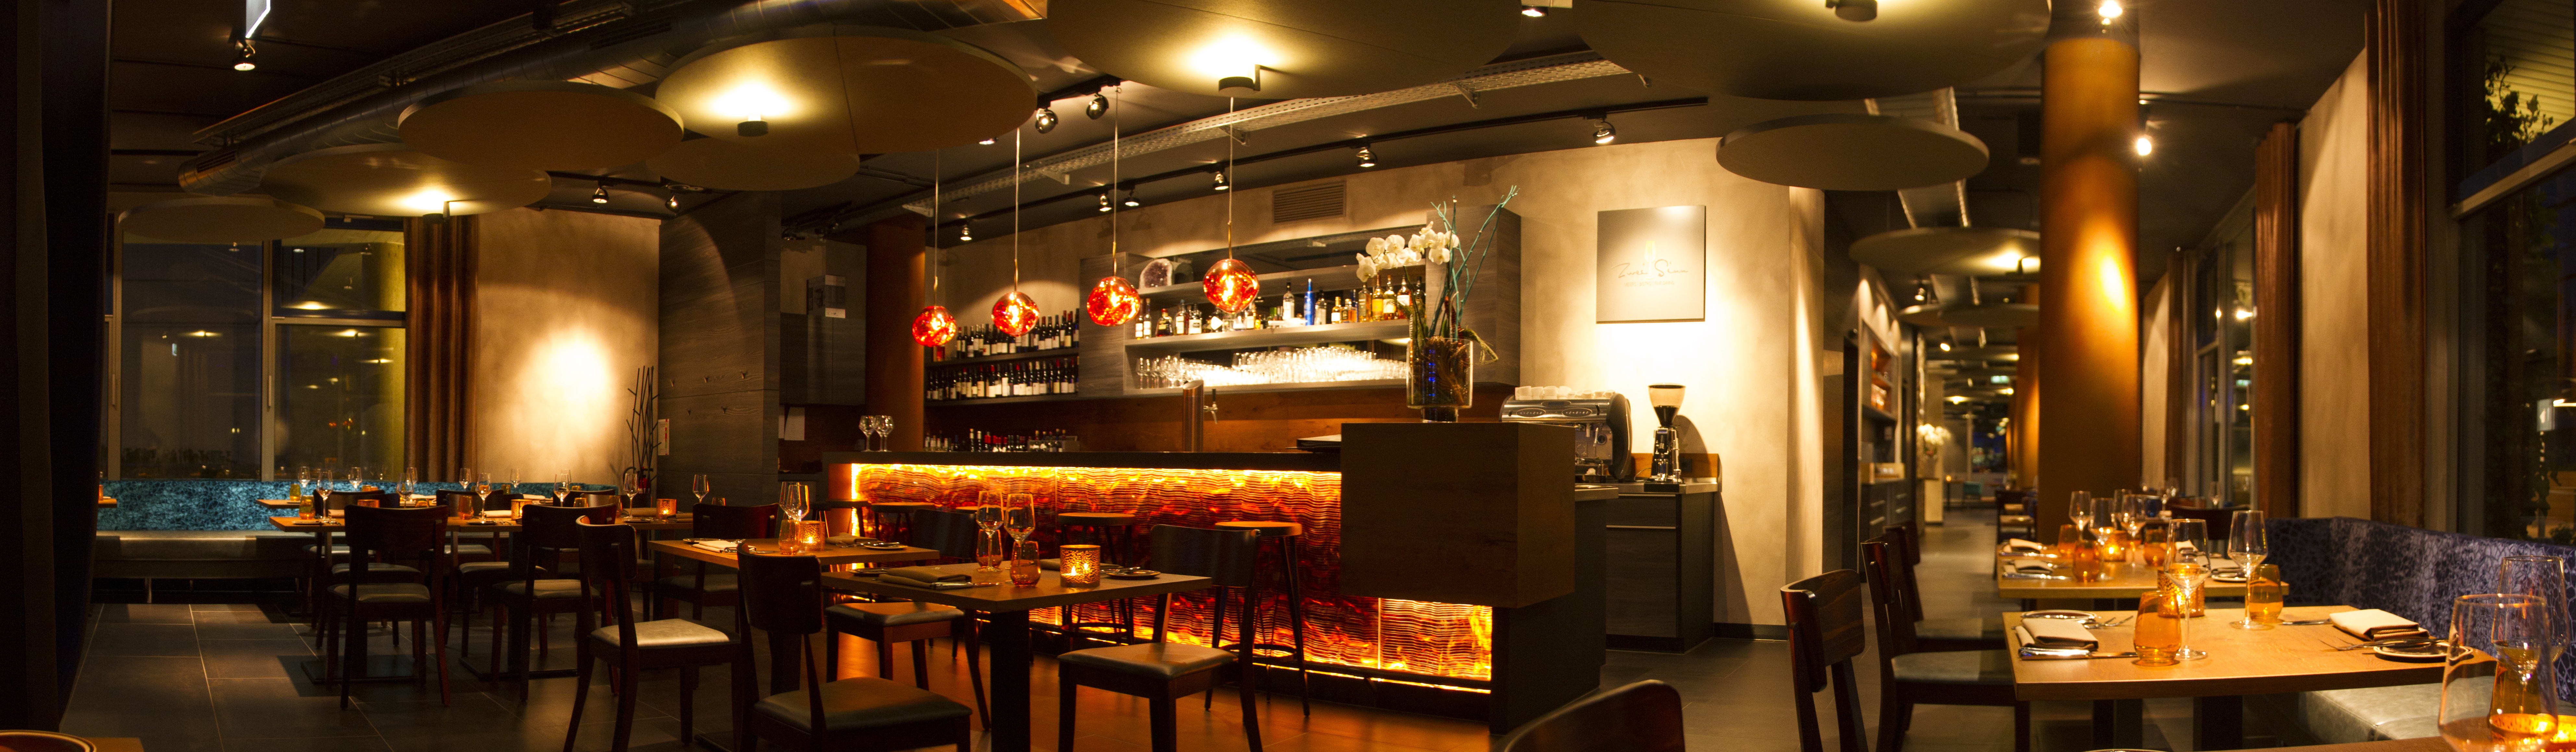 Gourmet-Restaurant ZweiSinn Meiers I Bistro I Fine Dining von Pfriem ...